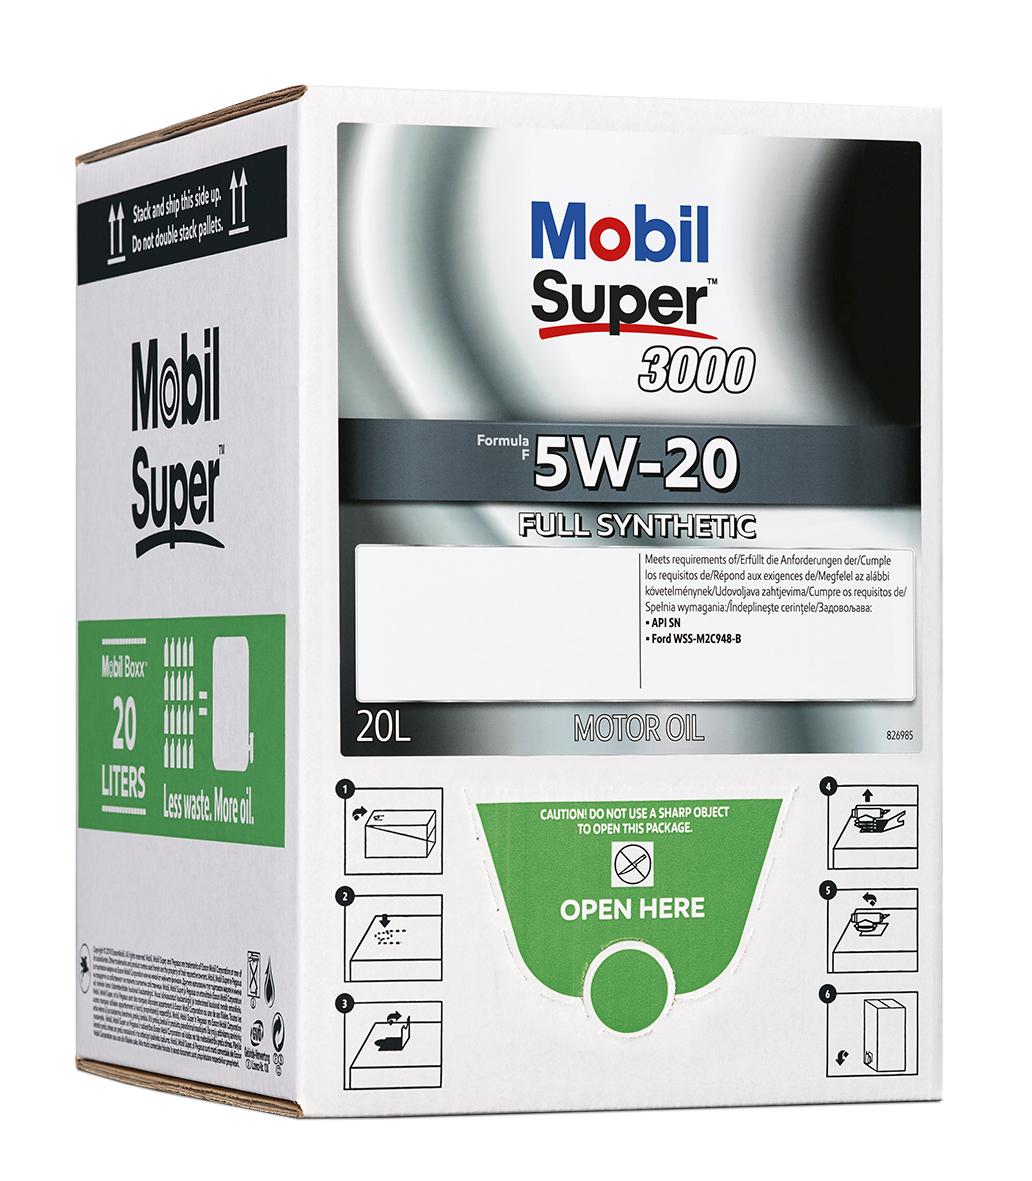 Mobil Super 3000 Formula F 5W-20, BIB 20L